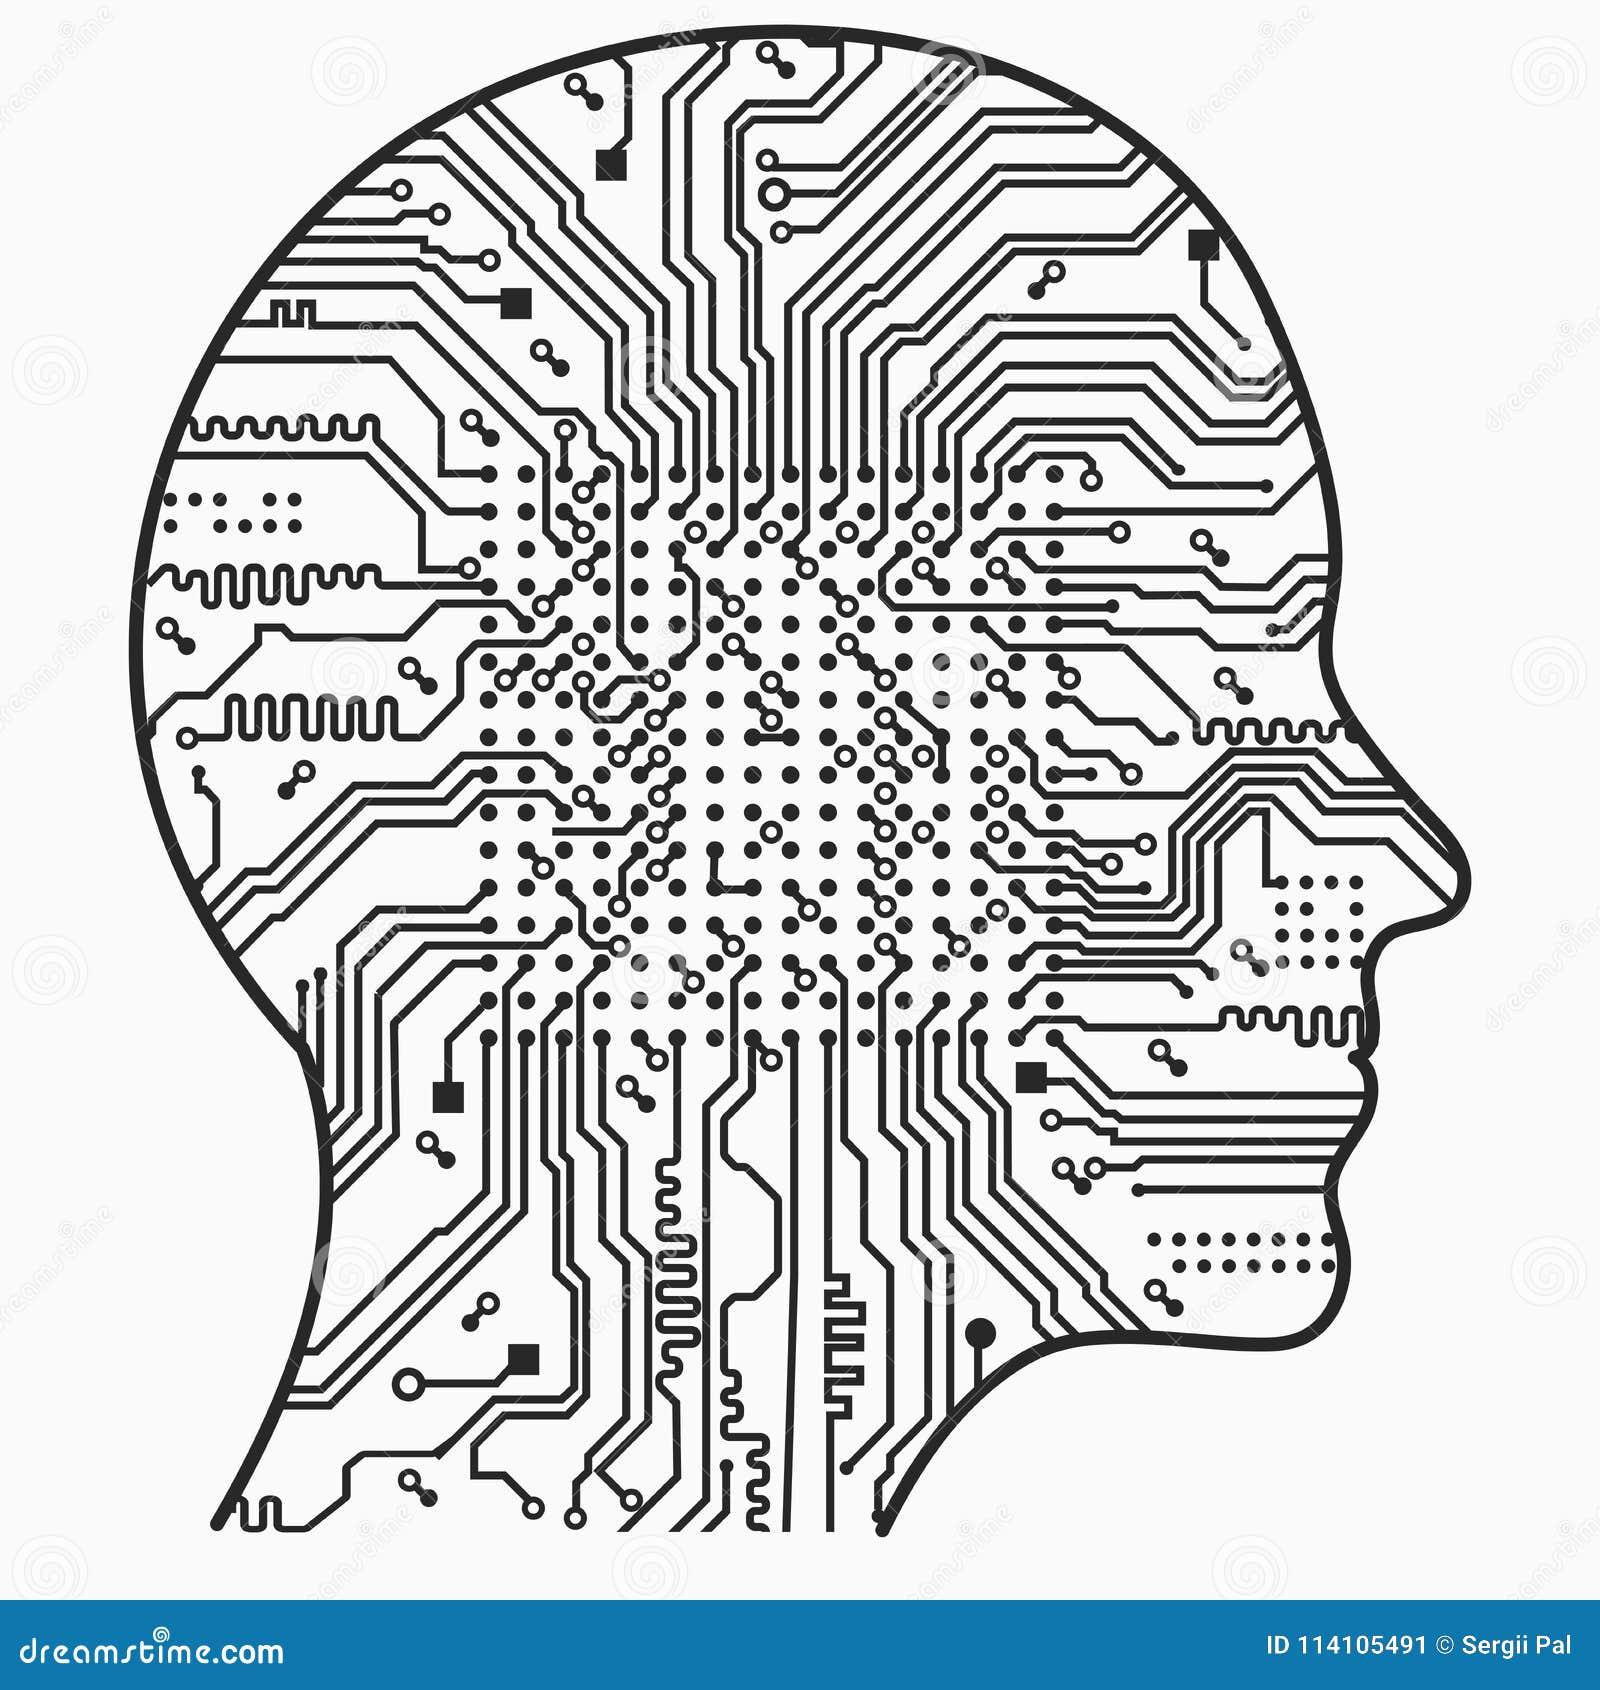 Inteligência artificial A imagem de esboços da cabeça humana, dentro de que há uma placa de circuito abstrata